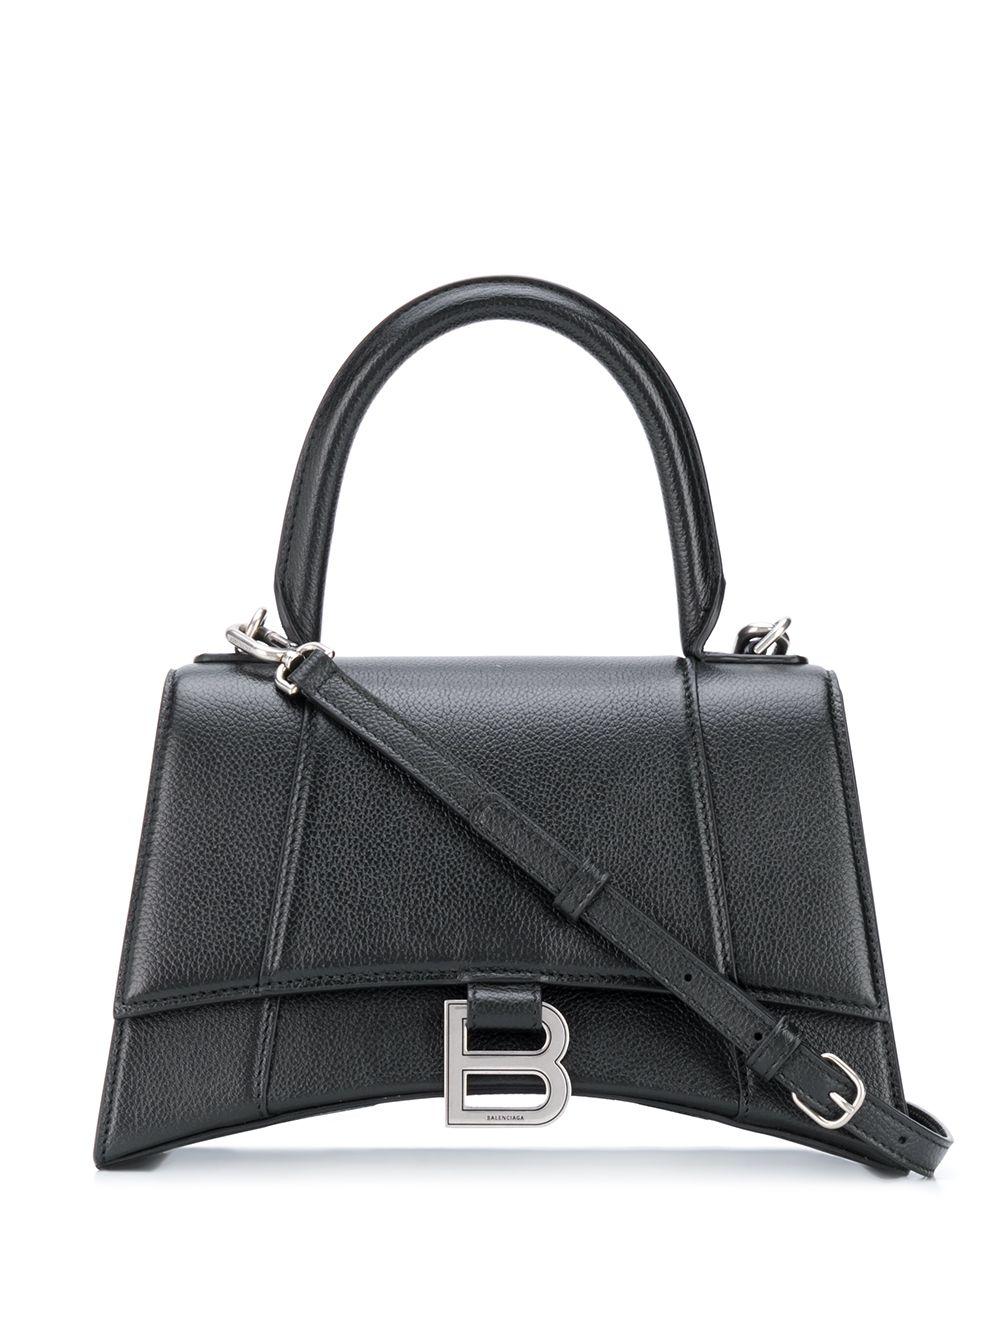 Hourglass Small Leather Handbag